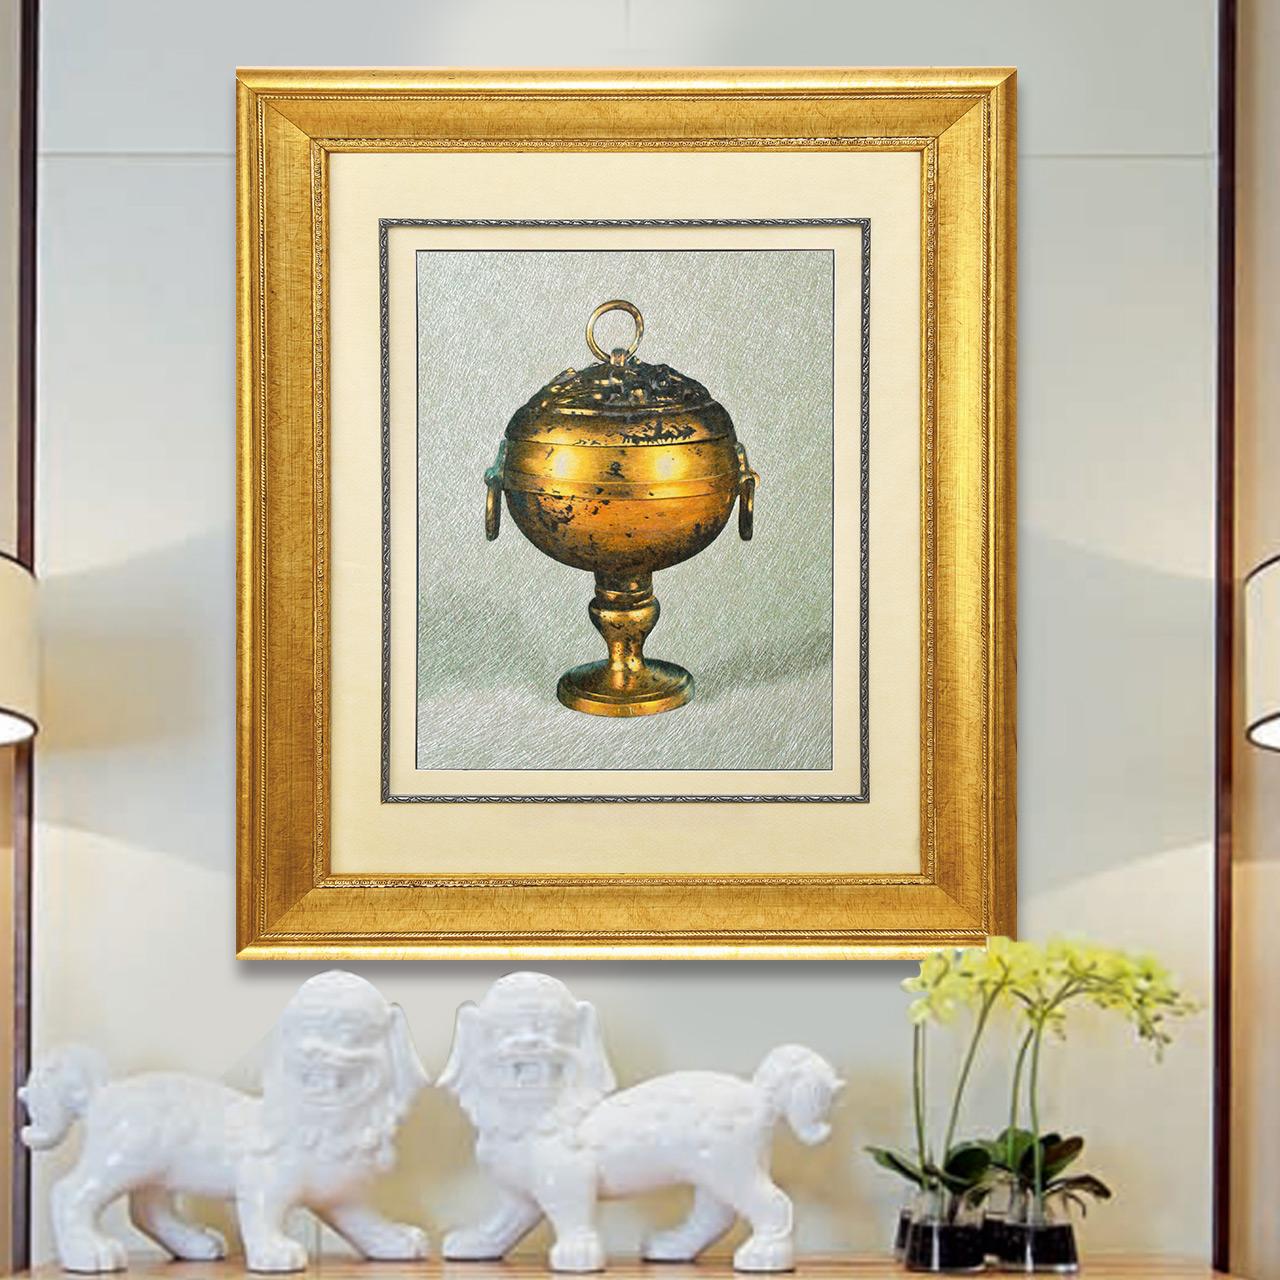 苏绣成品挂画玄关客厅纯手工刺绣艺术壁画个性创意书房装饰画香炉